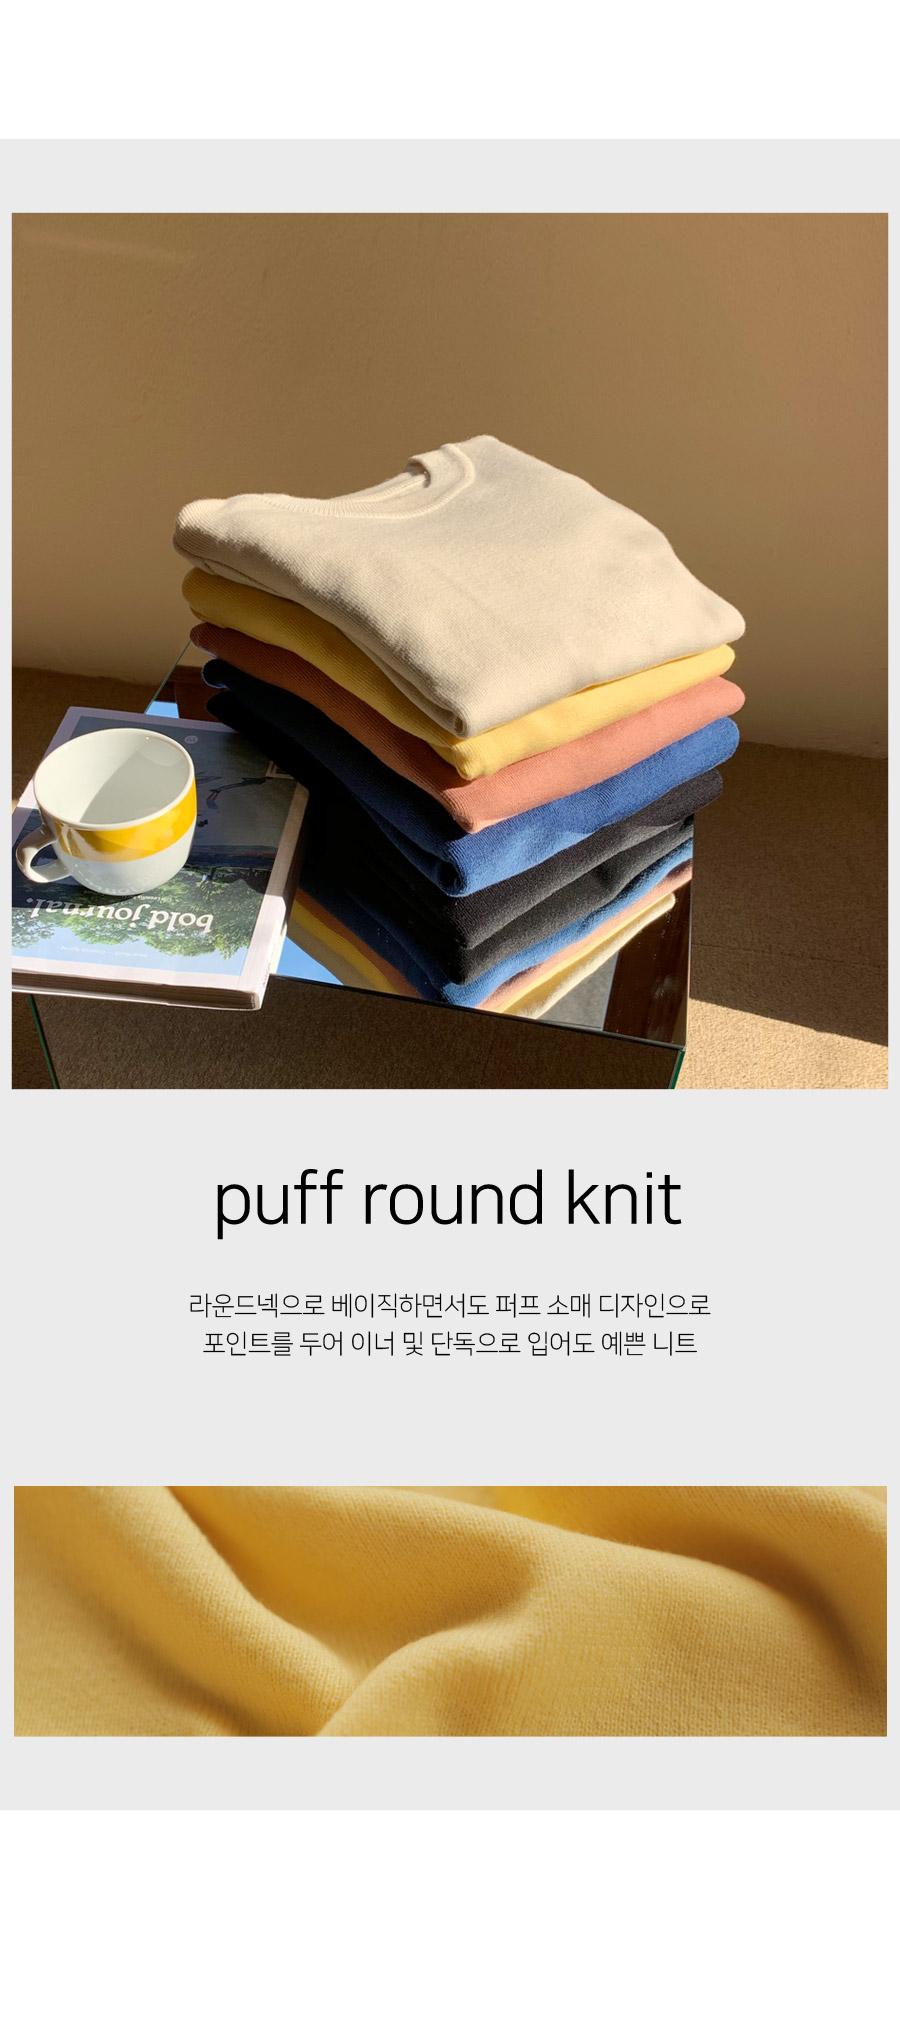 Charlotte Puff Round Knit